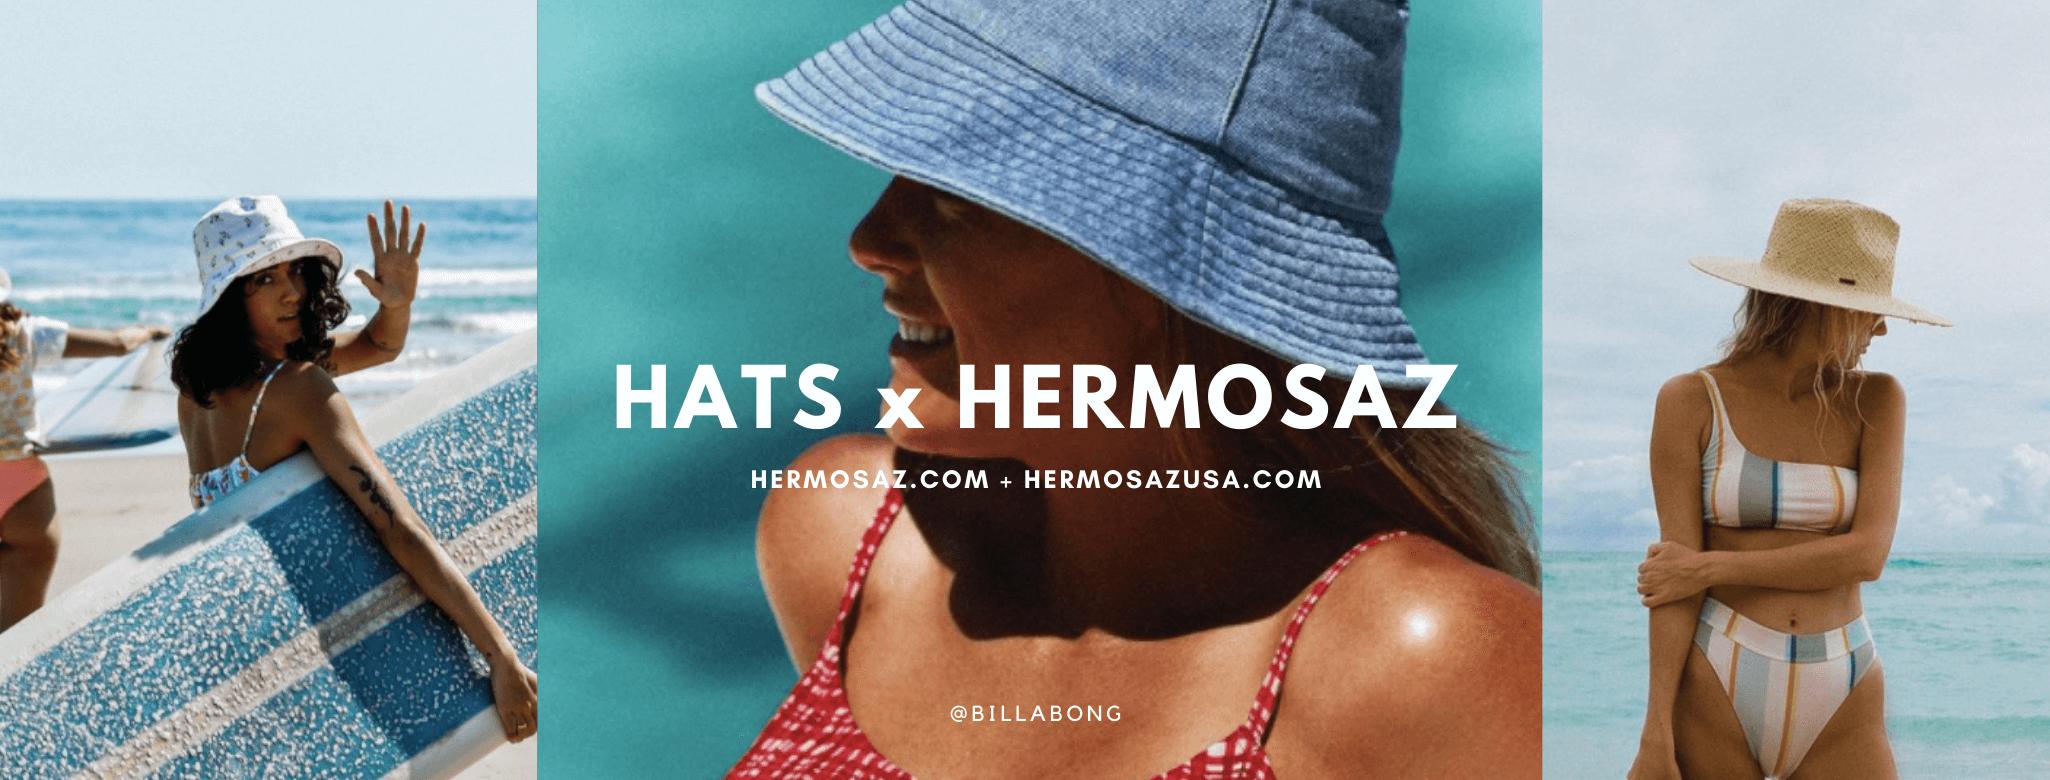 Hats x Hermosaz